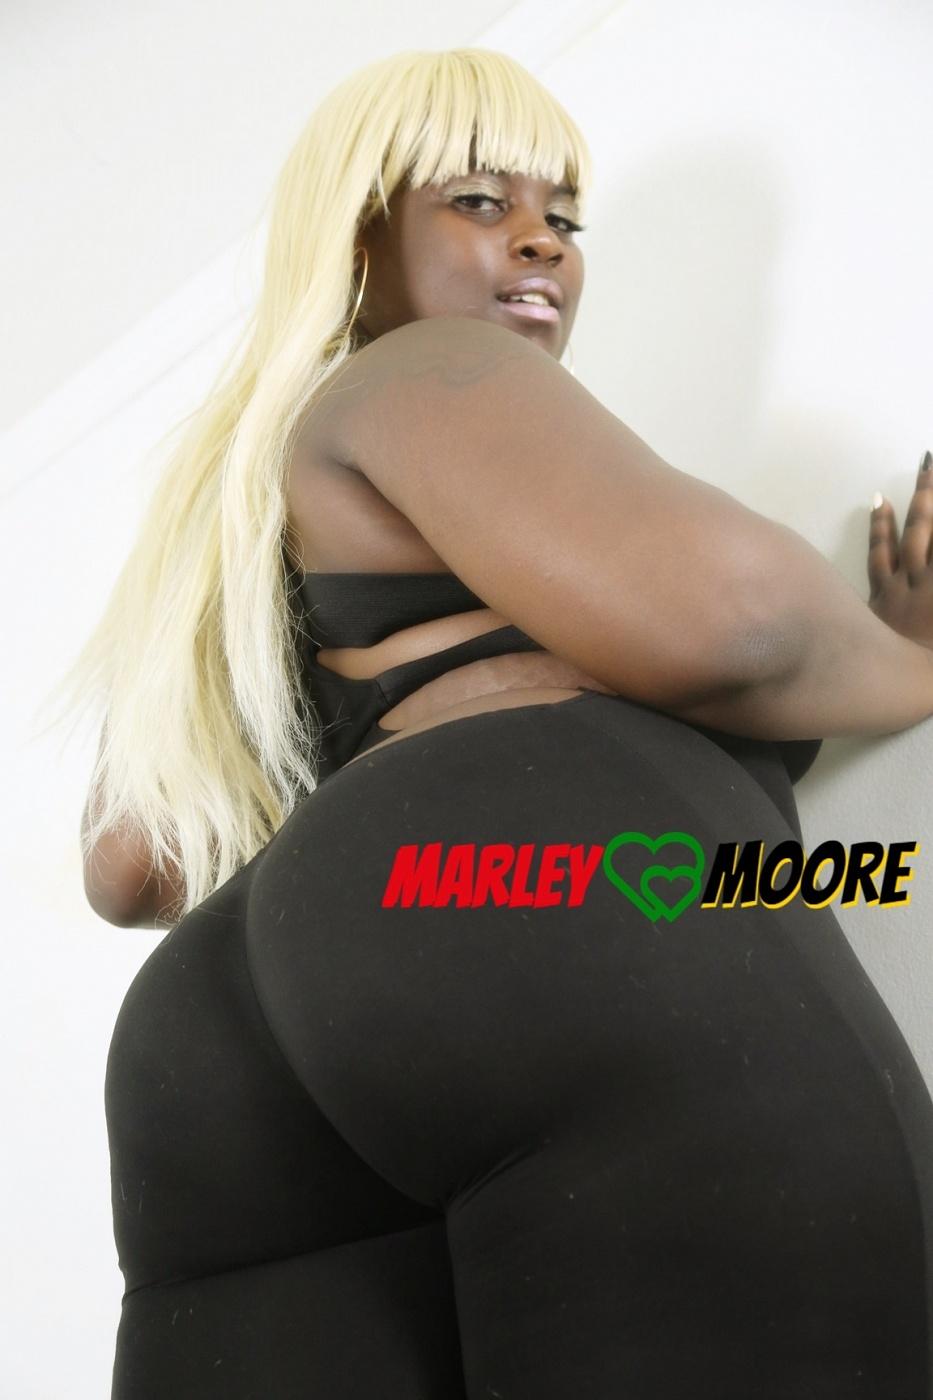 Marley Moore